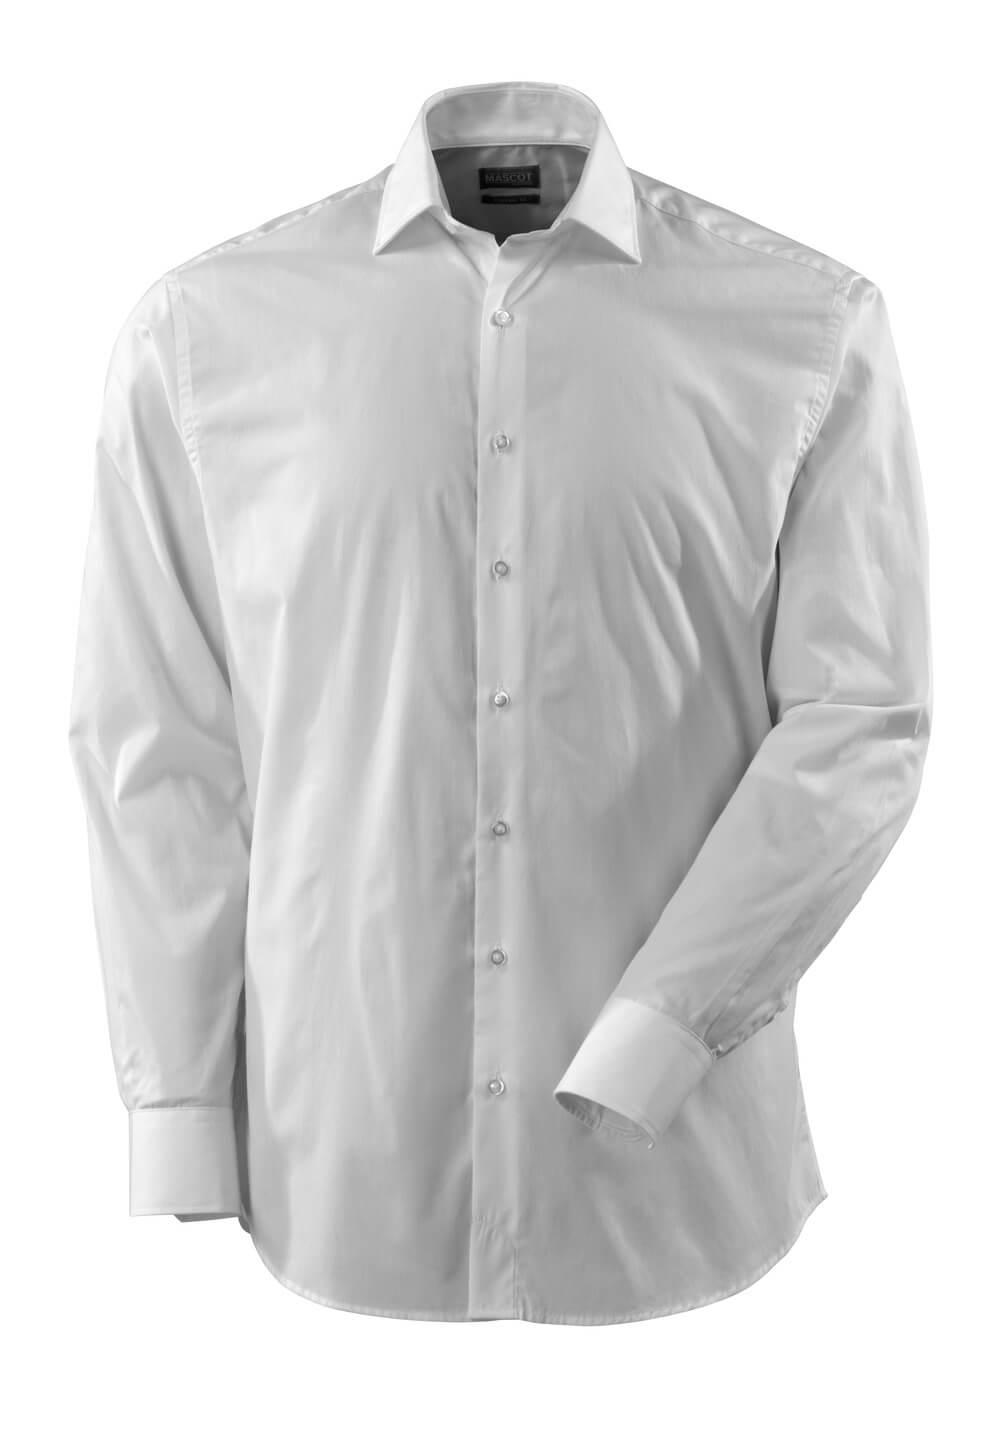 50631-984-06 Chemise - Blanc